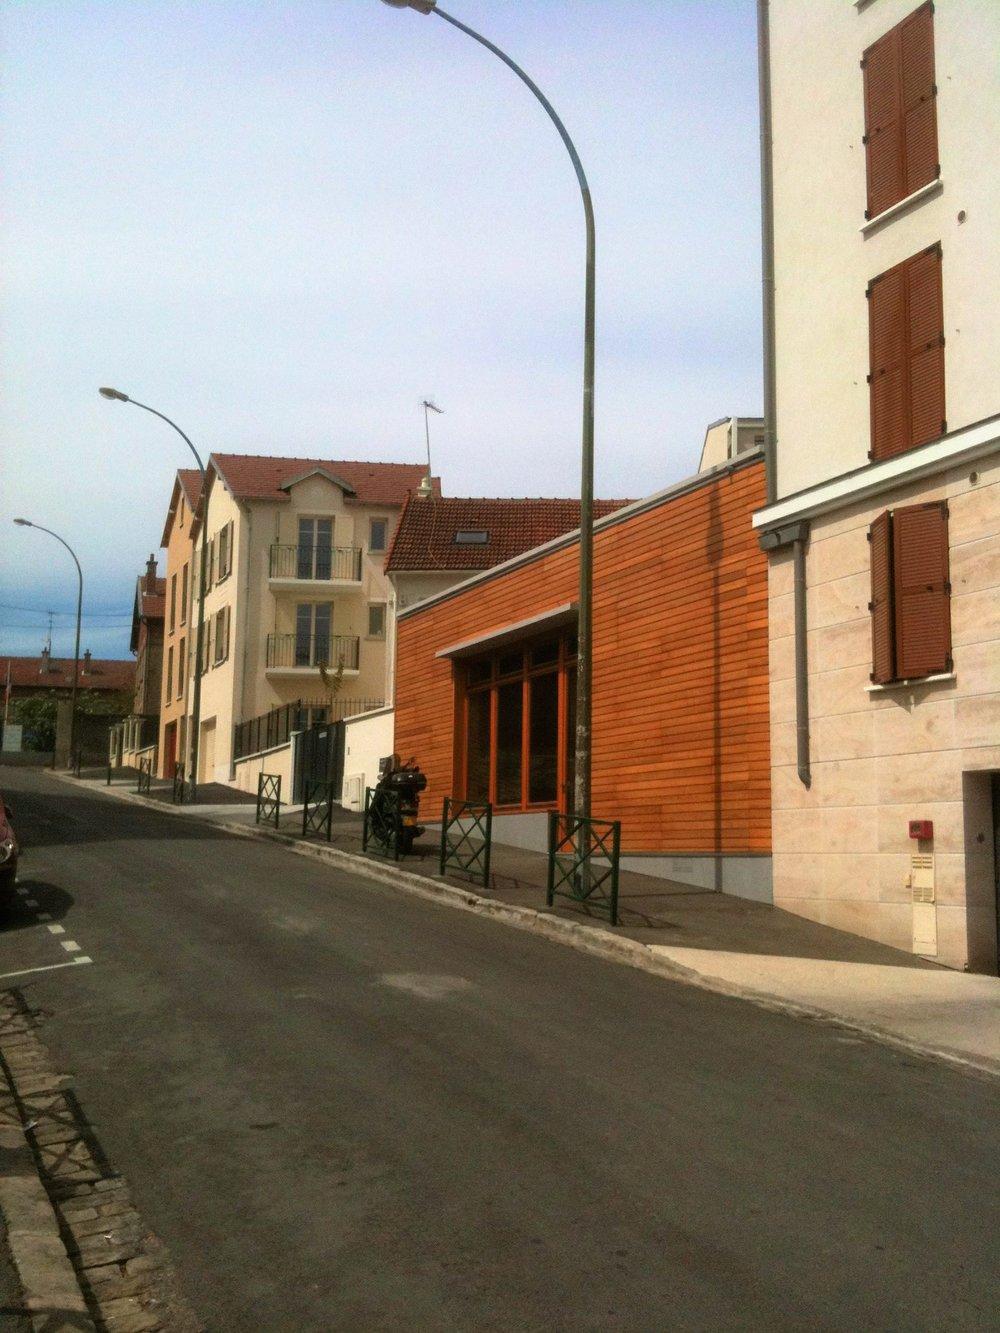 Loft Nogent sur Marne - France.   Sur sur surface de 60m² en forme triangulaire, nous avons conçu un loft d'environs 80m² éclairé par une grande baie orientée au sud. L'isolation par l'exterieur et le revetement bois le détache des constructions voisines plus classique.